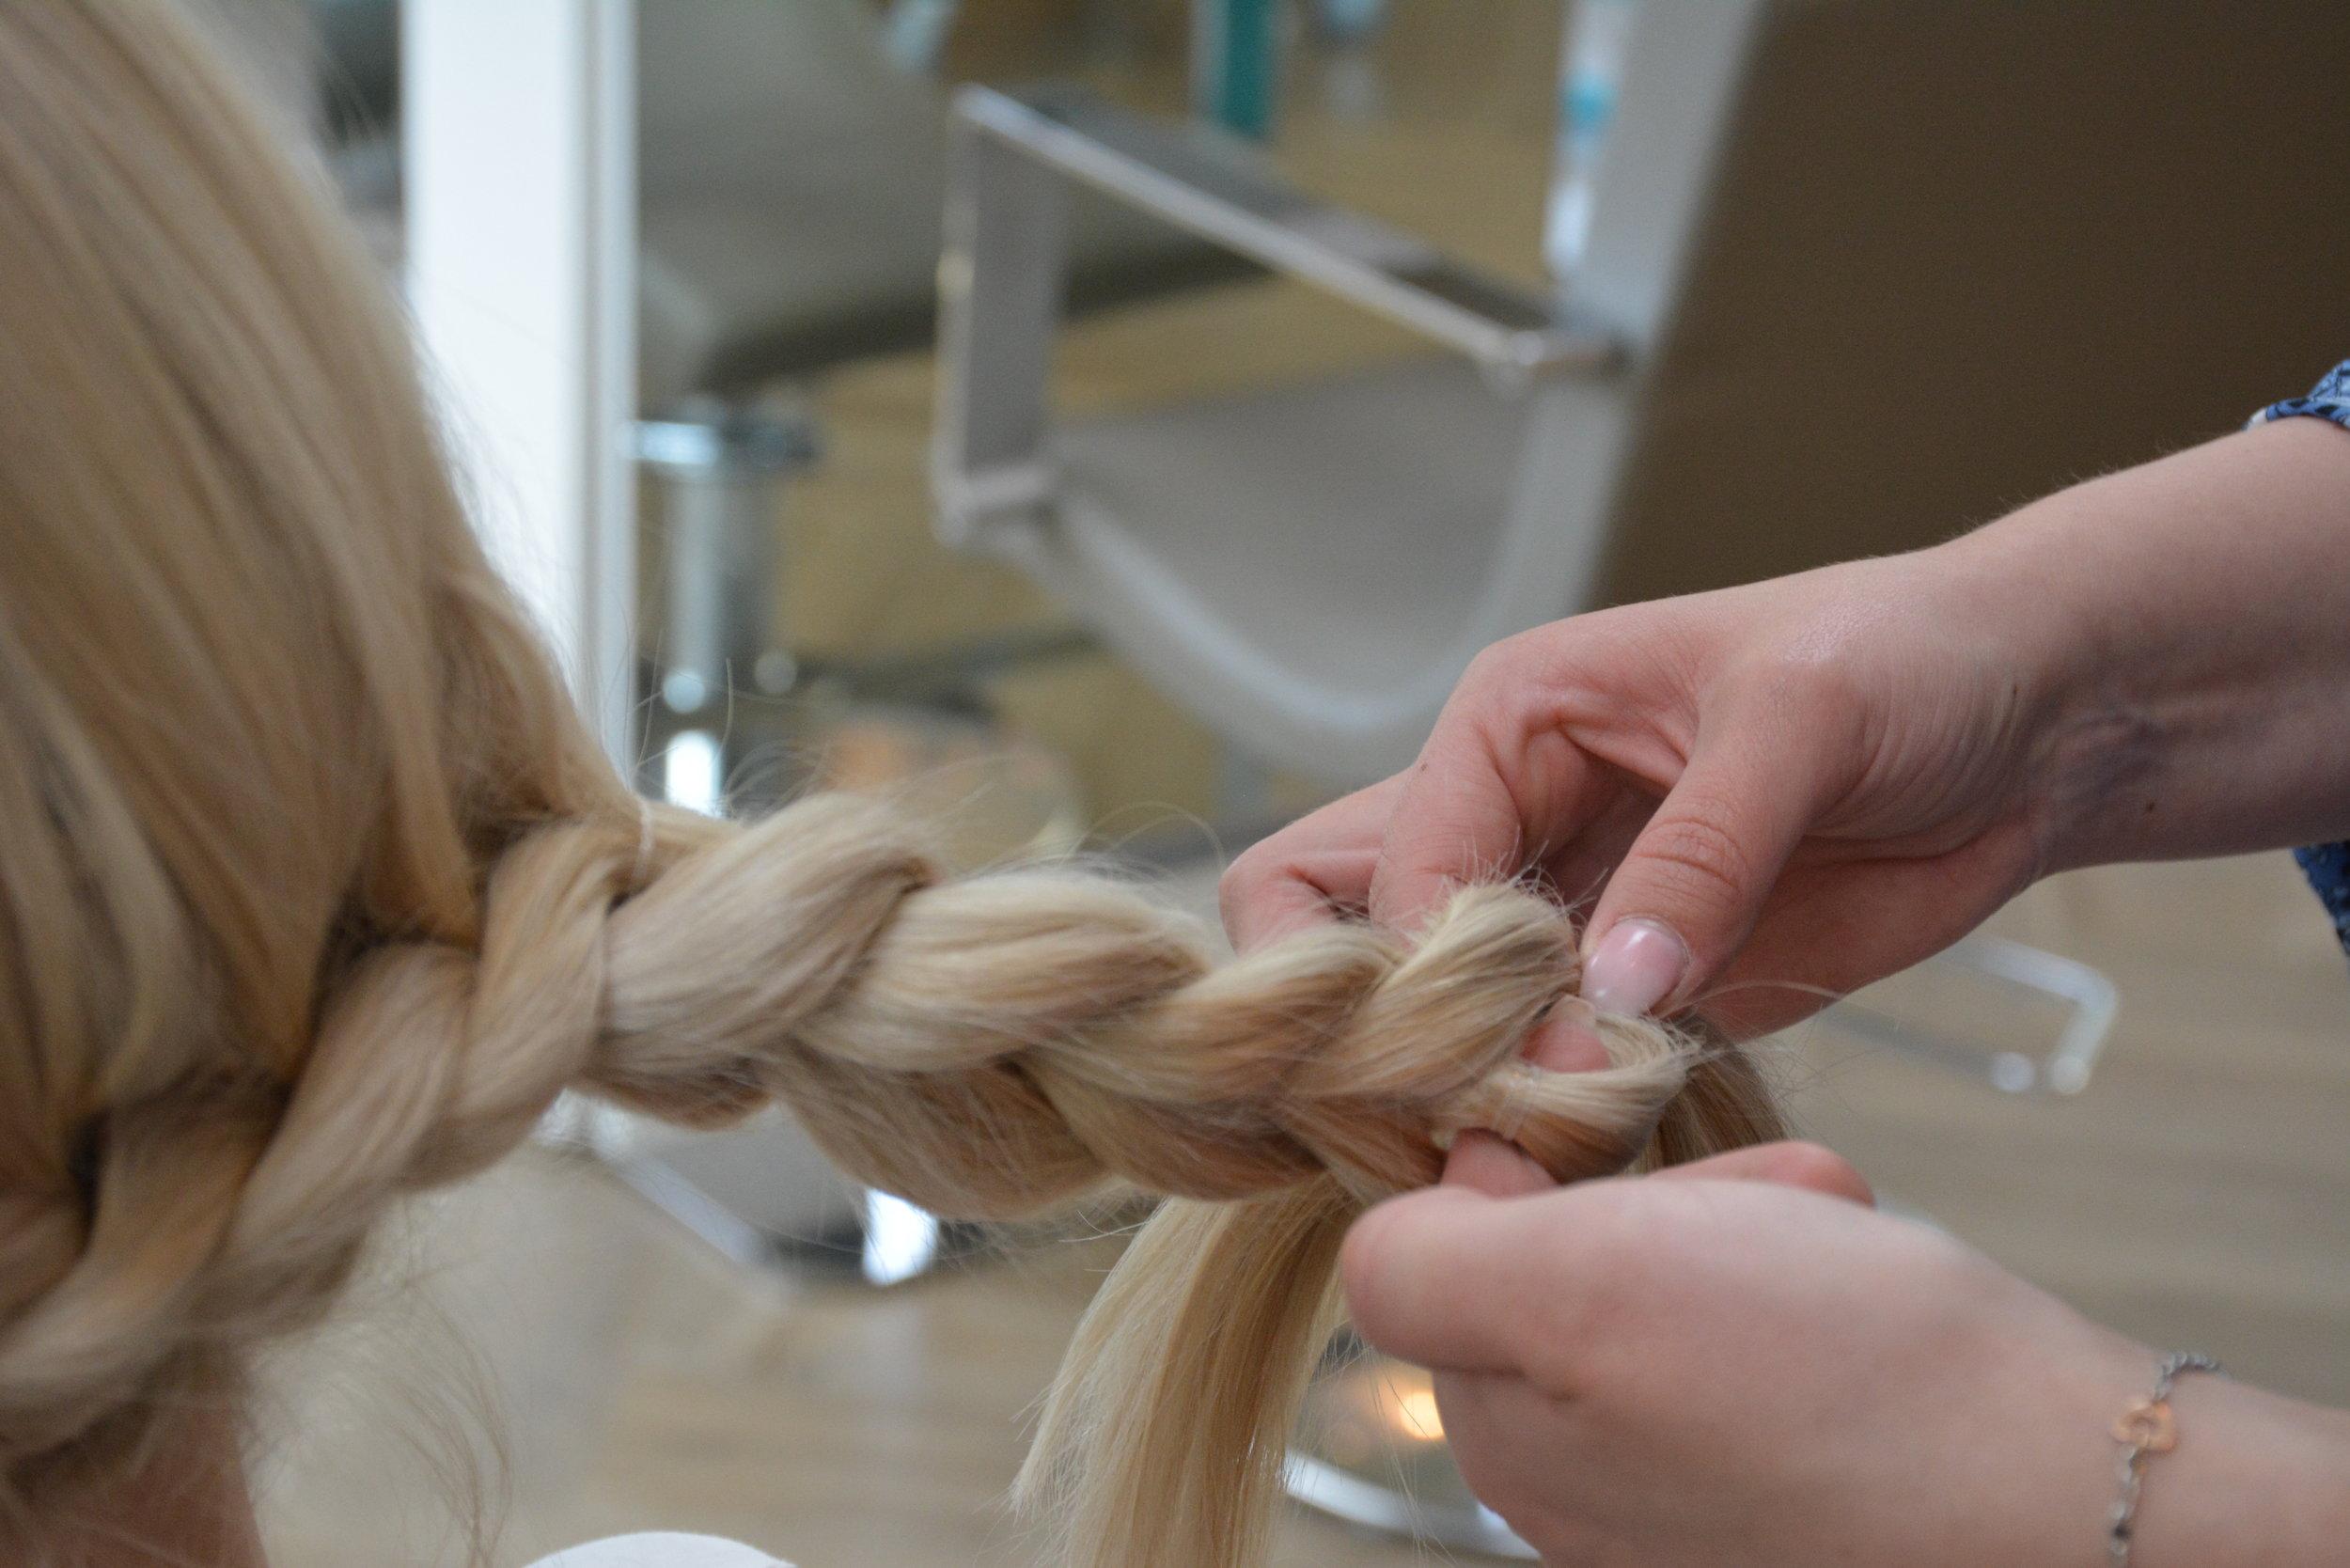 Fortsett til bak øret på andre siden, deretter setter du en strikk på ene delen av håret, og trekker andre delen gjennom på midten.